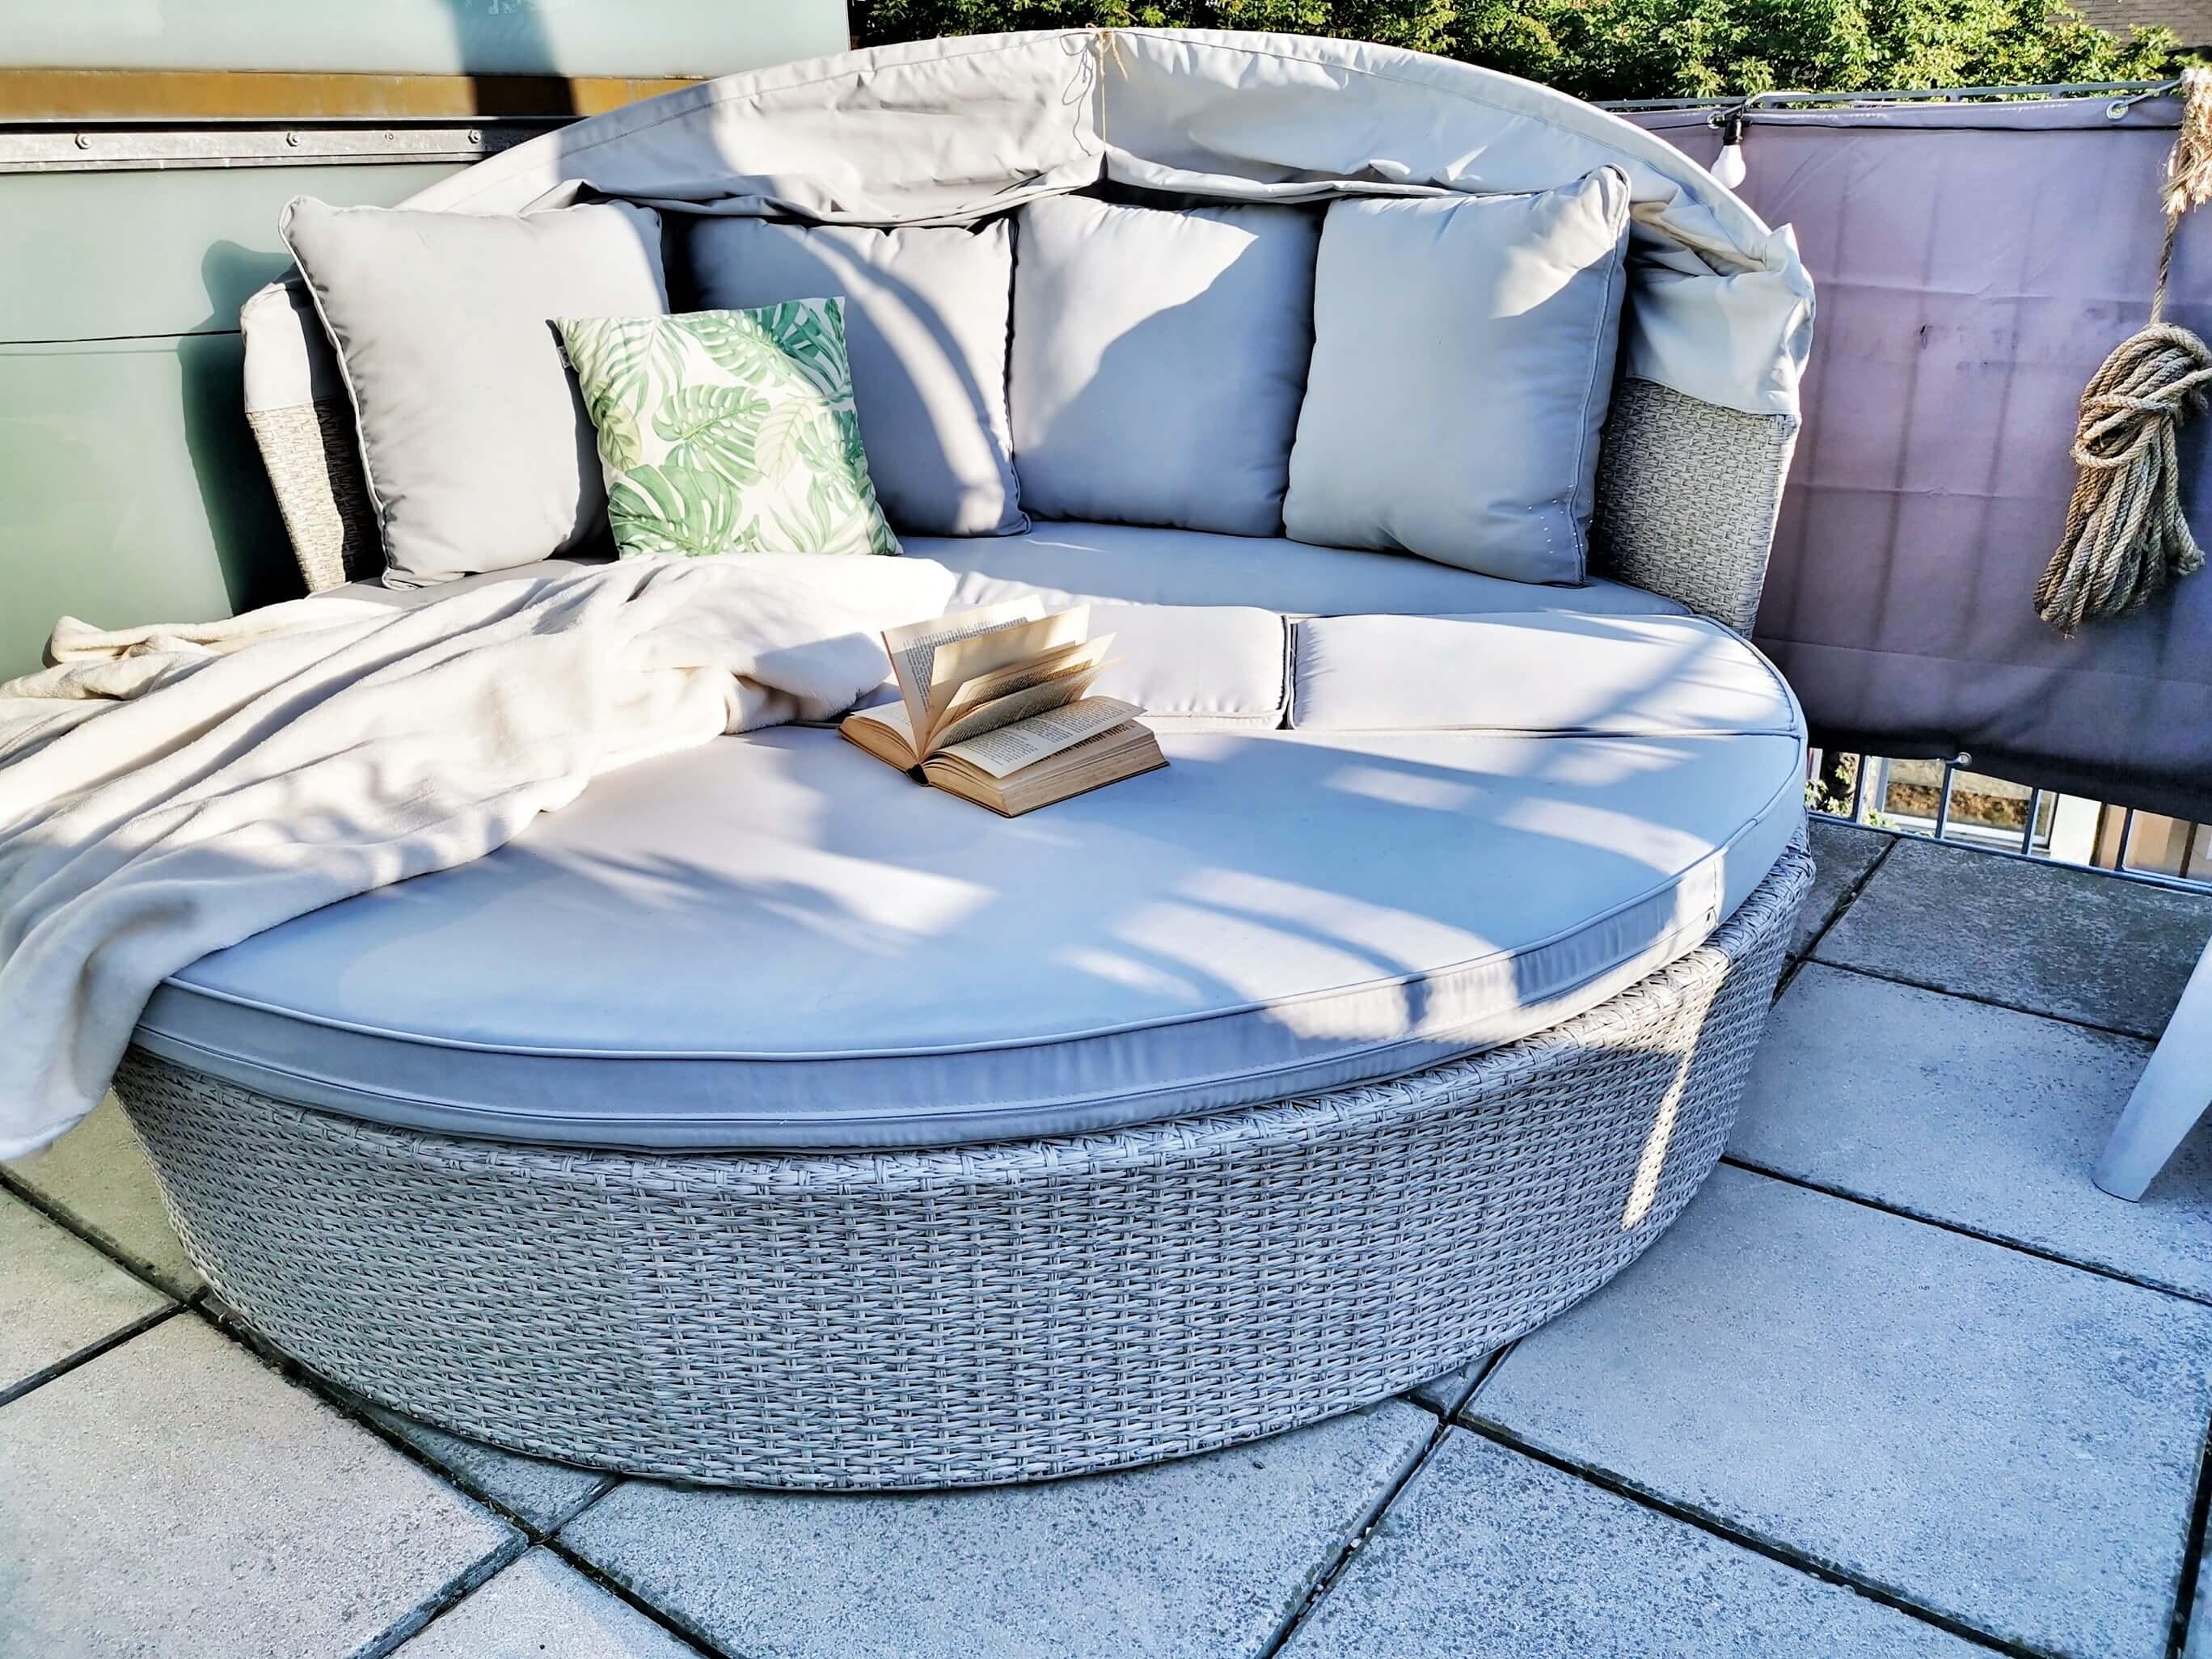 IMG 20190630 190541 01 resized 20190630 071838257 - Mit diesen Ideen wird euer Balkon zu einem Hingucker